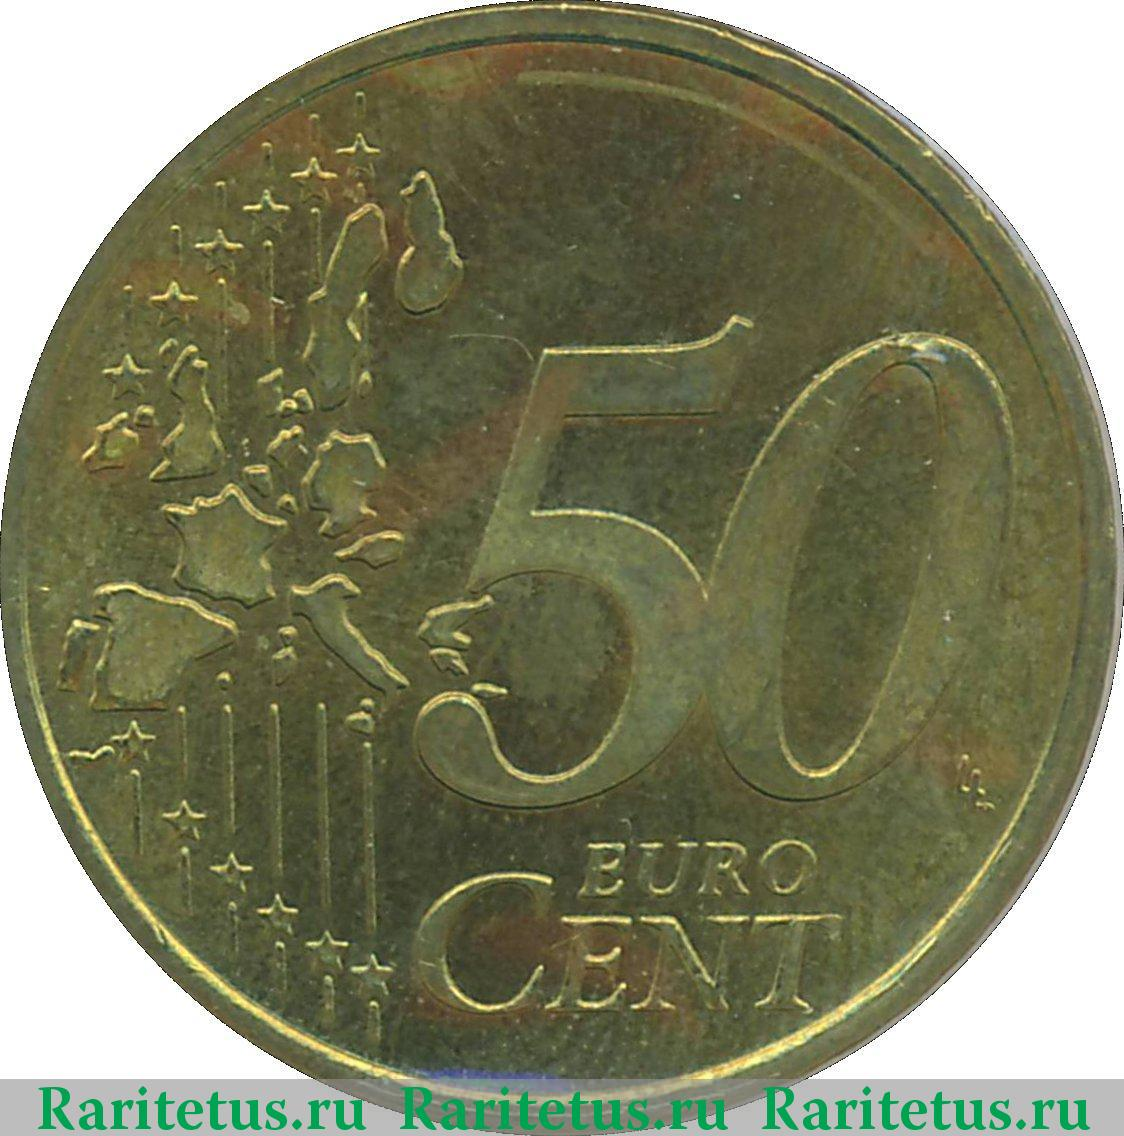 50 euro cent в рублях платежные обязательства